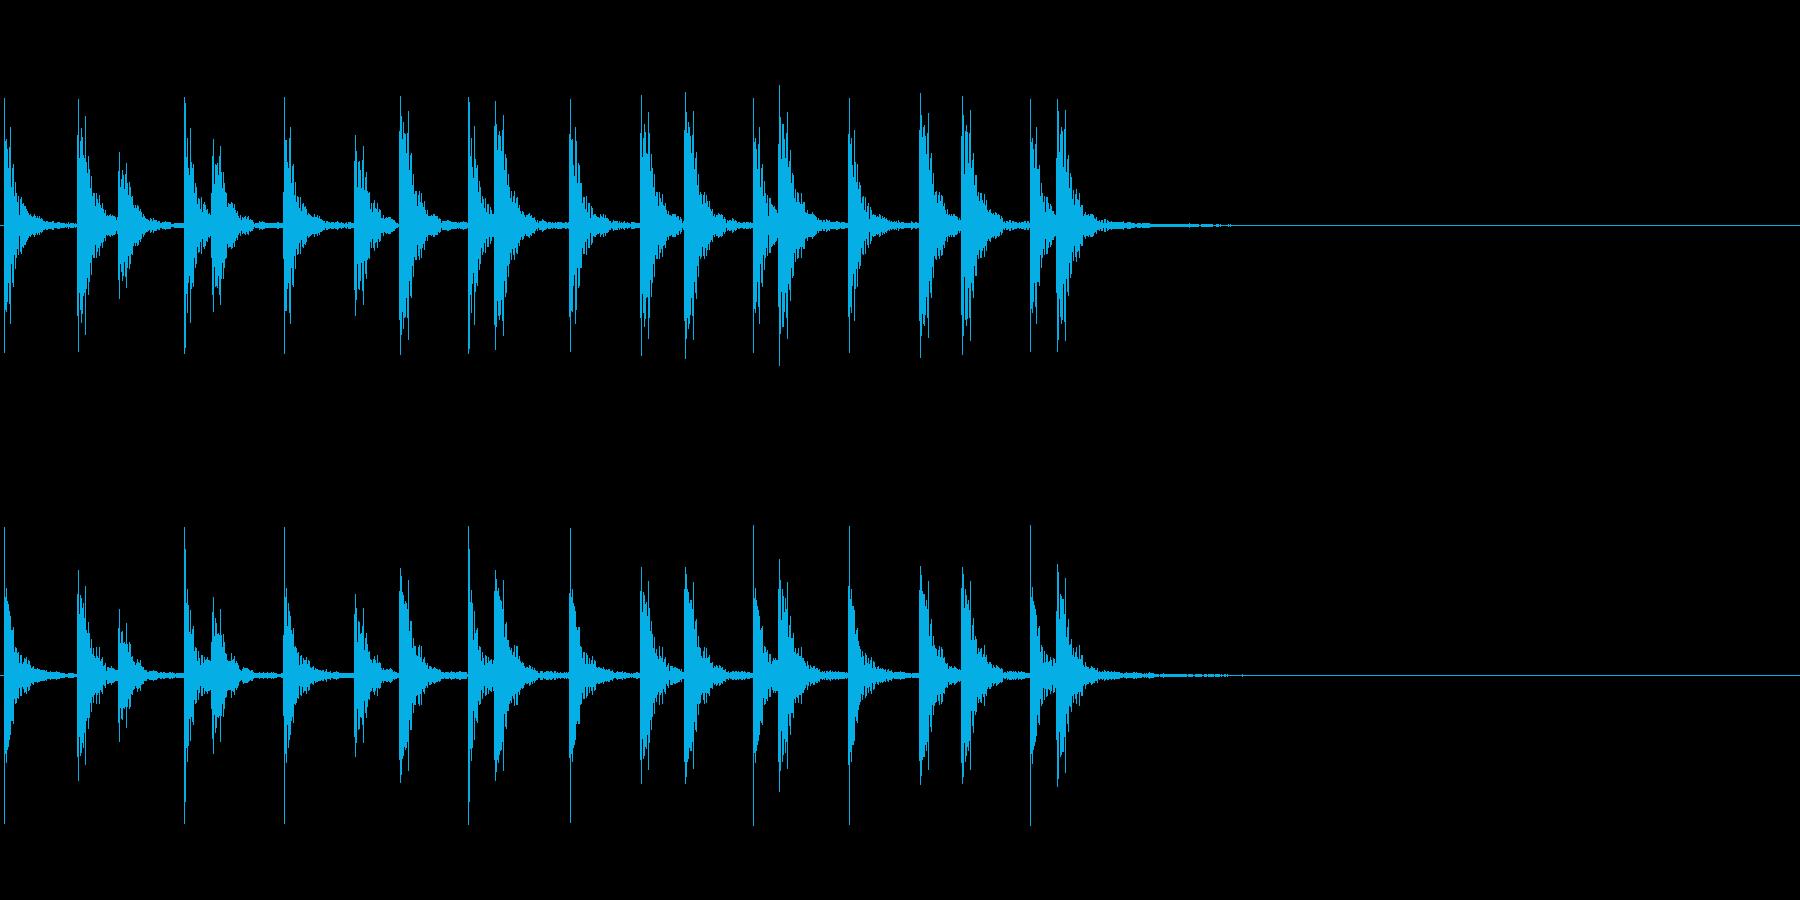 相撲などの触れ太鼓「大拍子」フレーズ音2の再生済みの波形